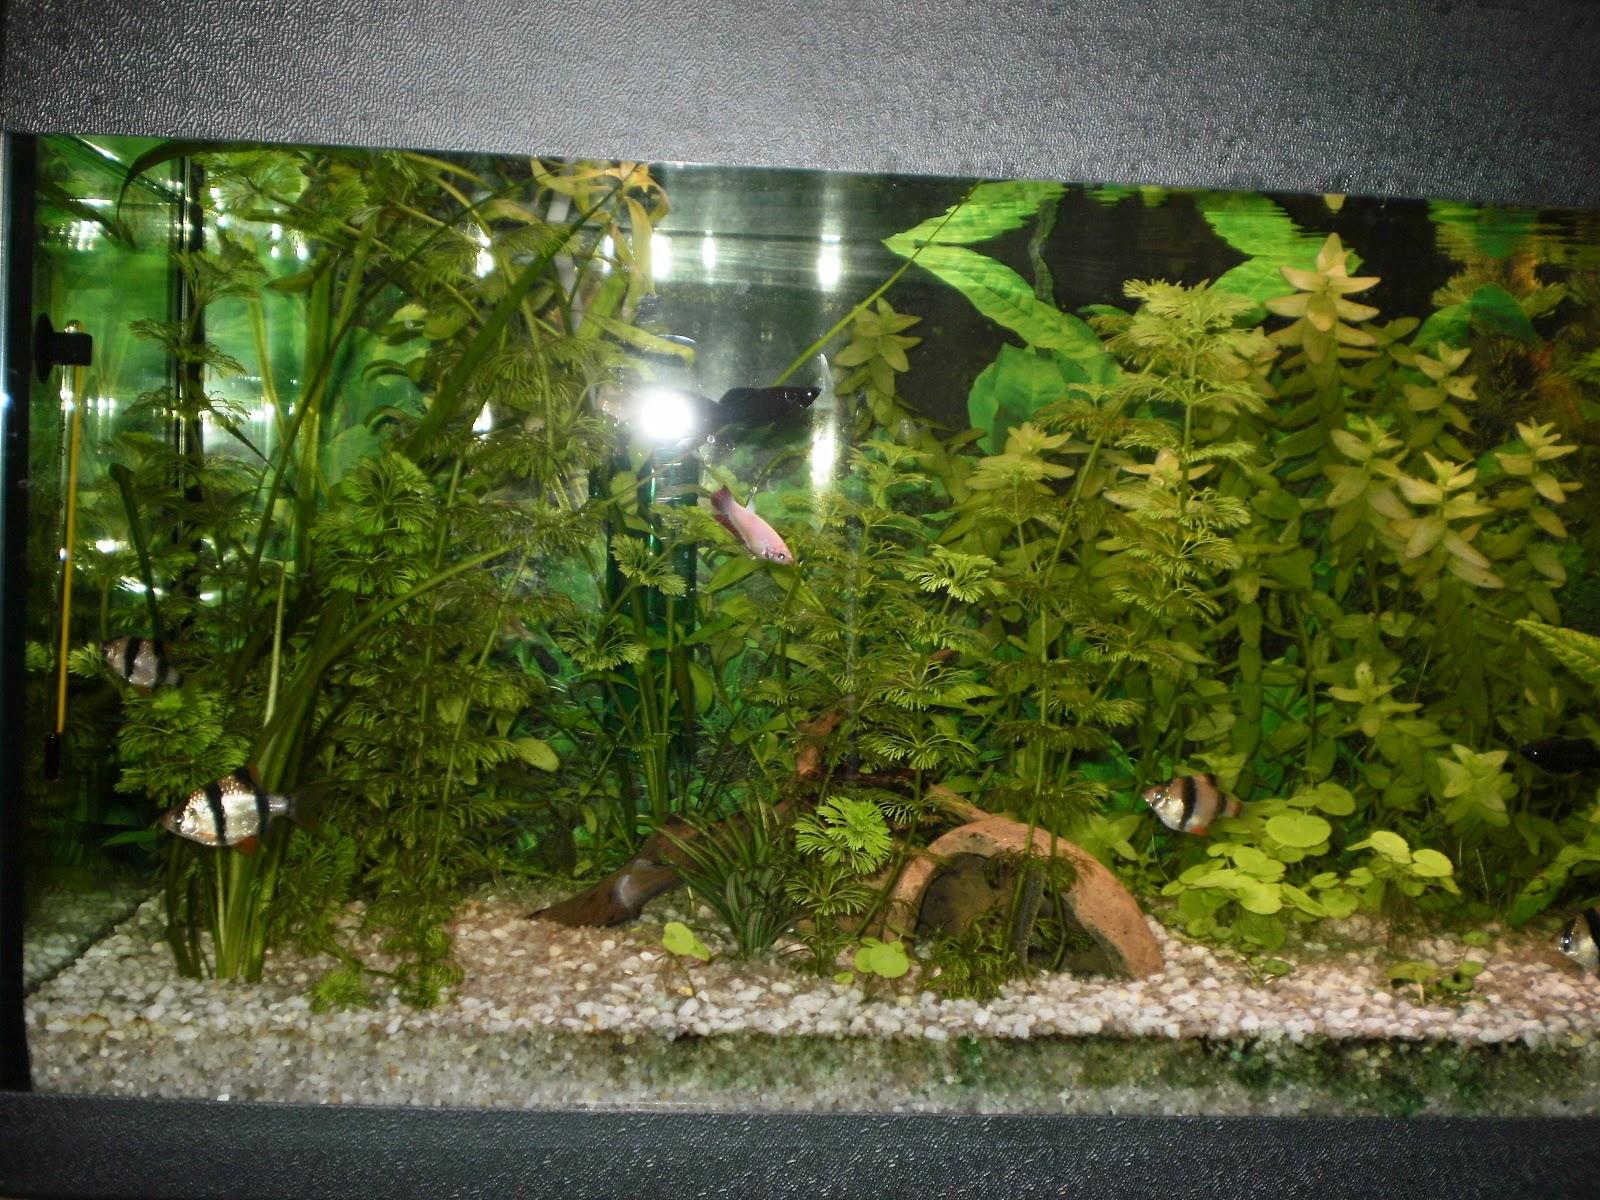 La vetrina arcobaleno acquario attrezzatura necessaria for Oggetti per acquario